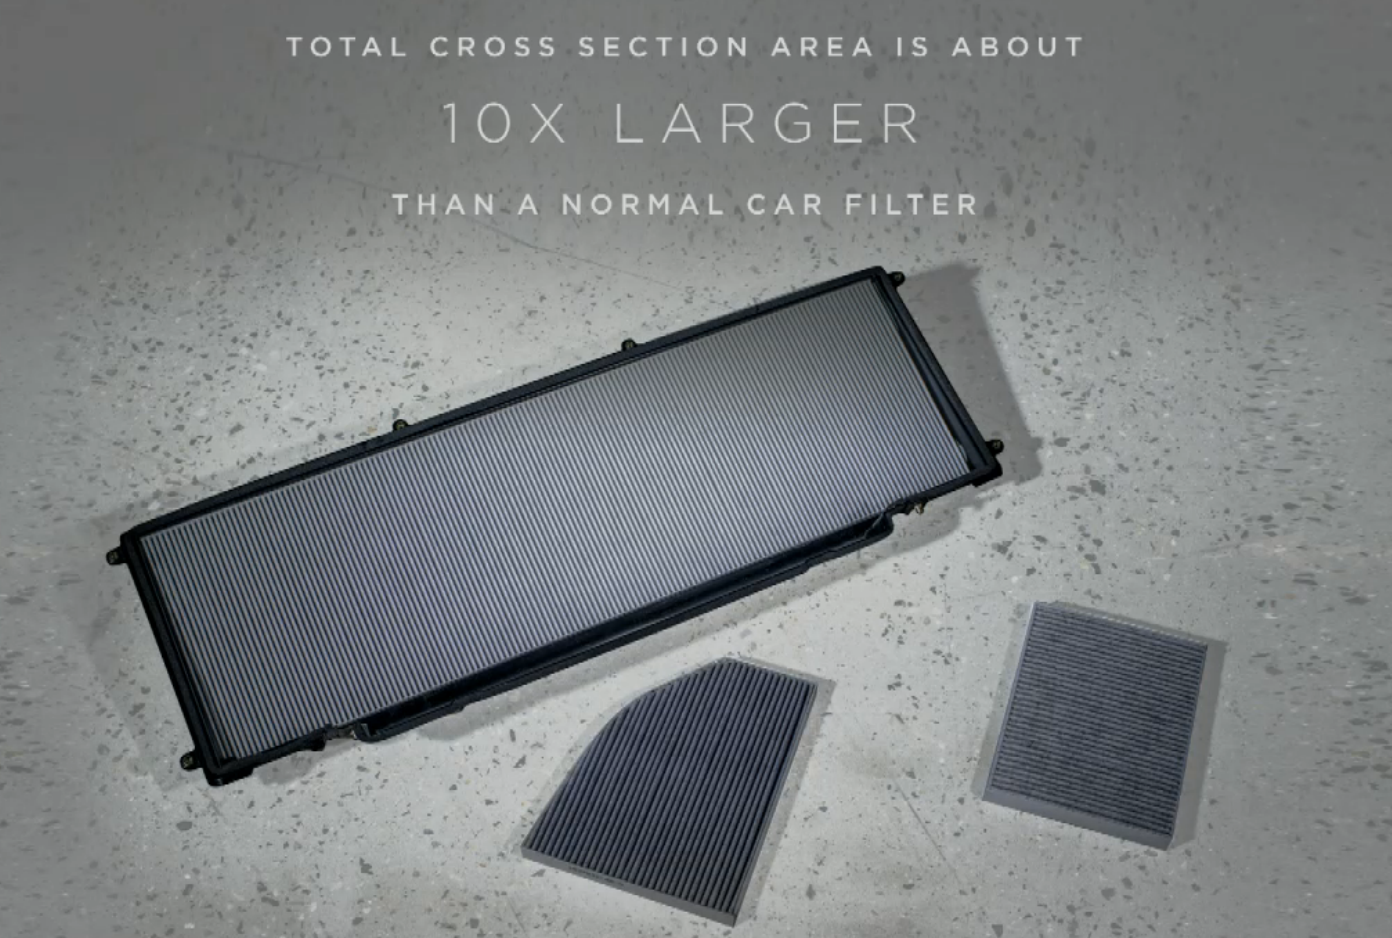 Tesla model x air filter